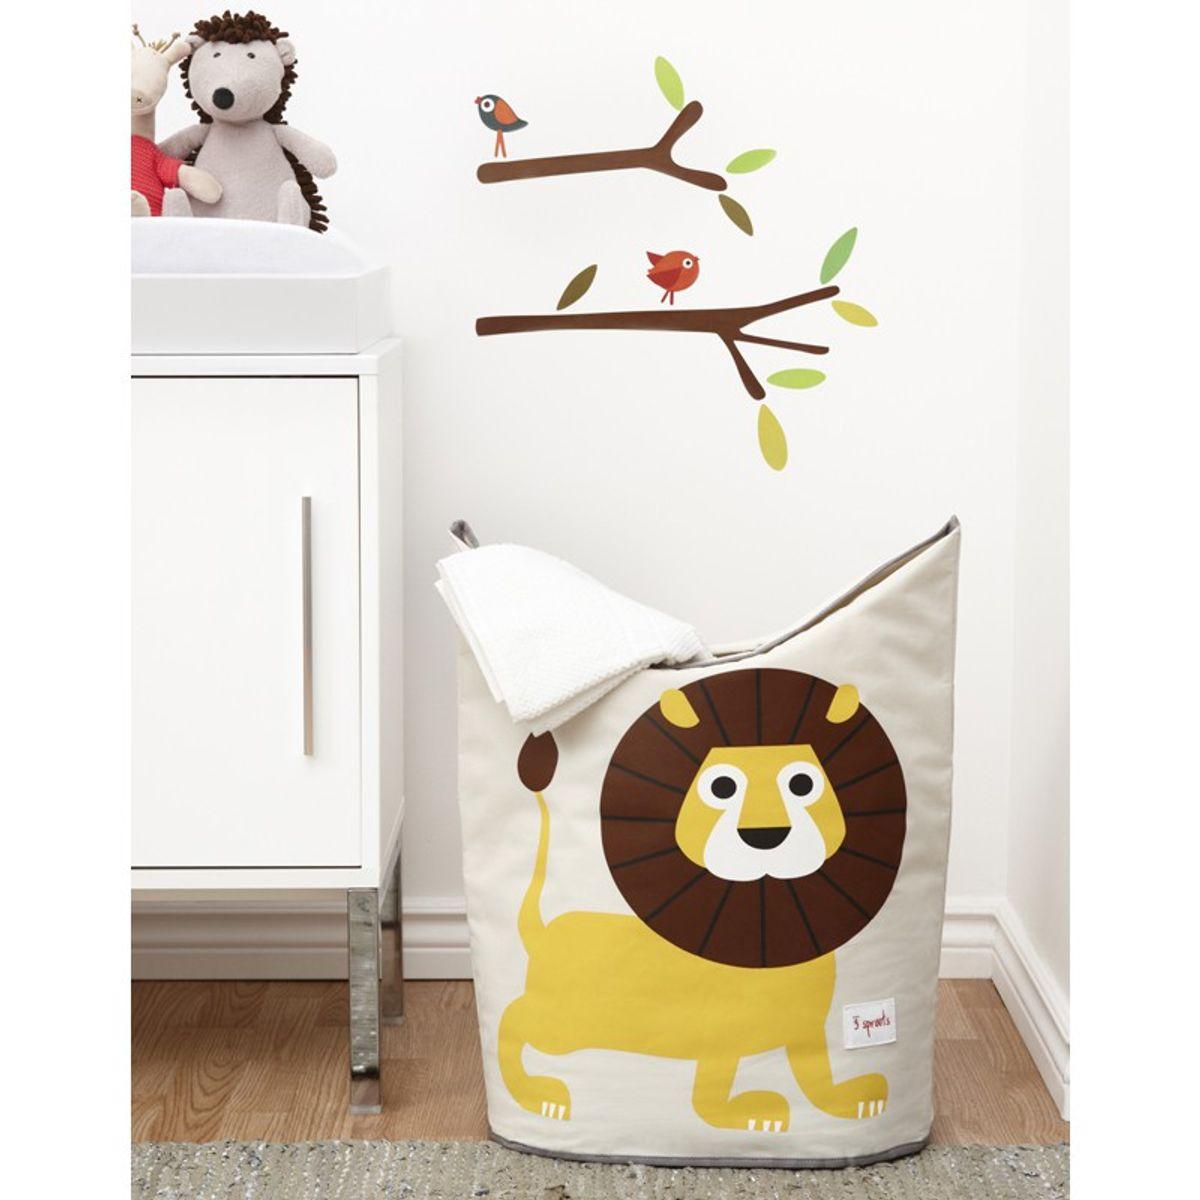 Aufbewahrung im Kinderzimmer | Löwe Wäschekorb, von 3 sprouts, 59 x 48 x 33  cm